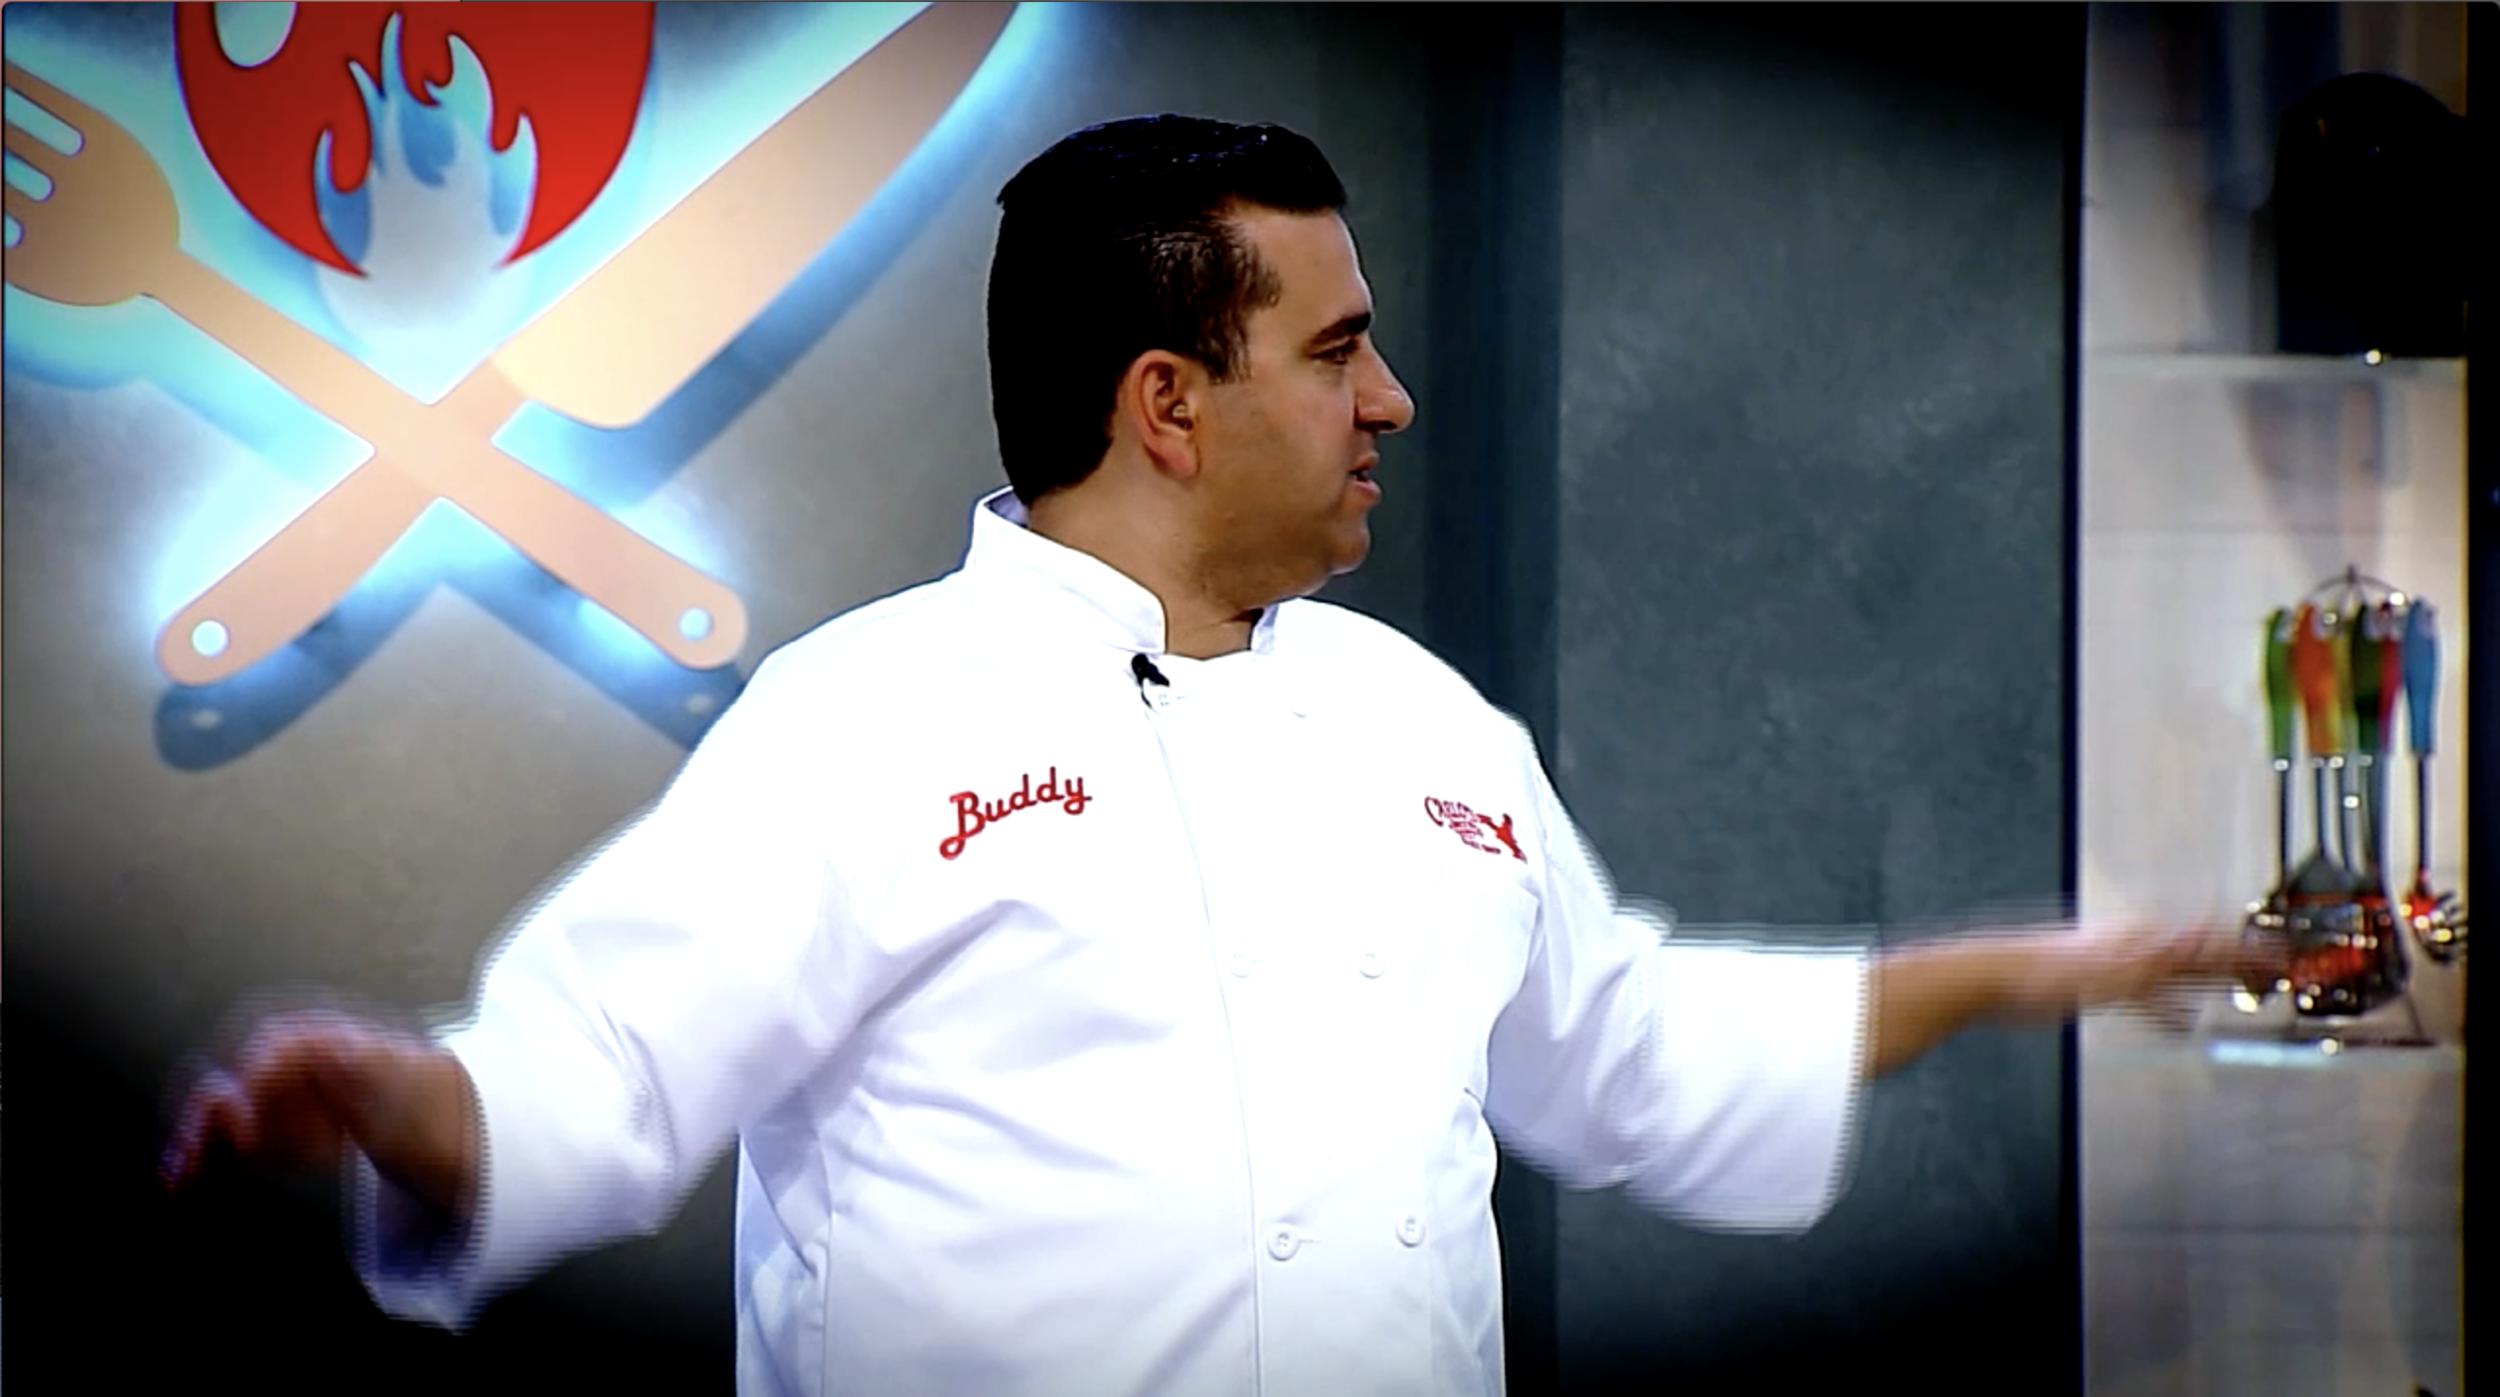 Batalha_dos_cozinheiros_20.png